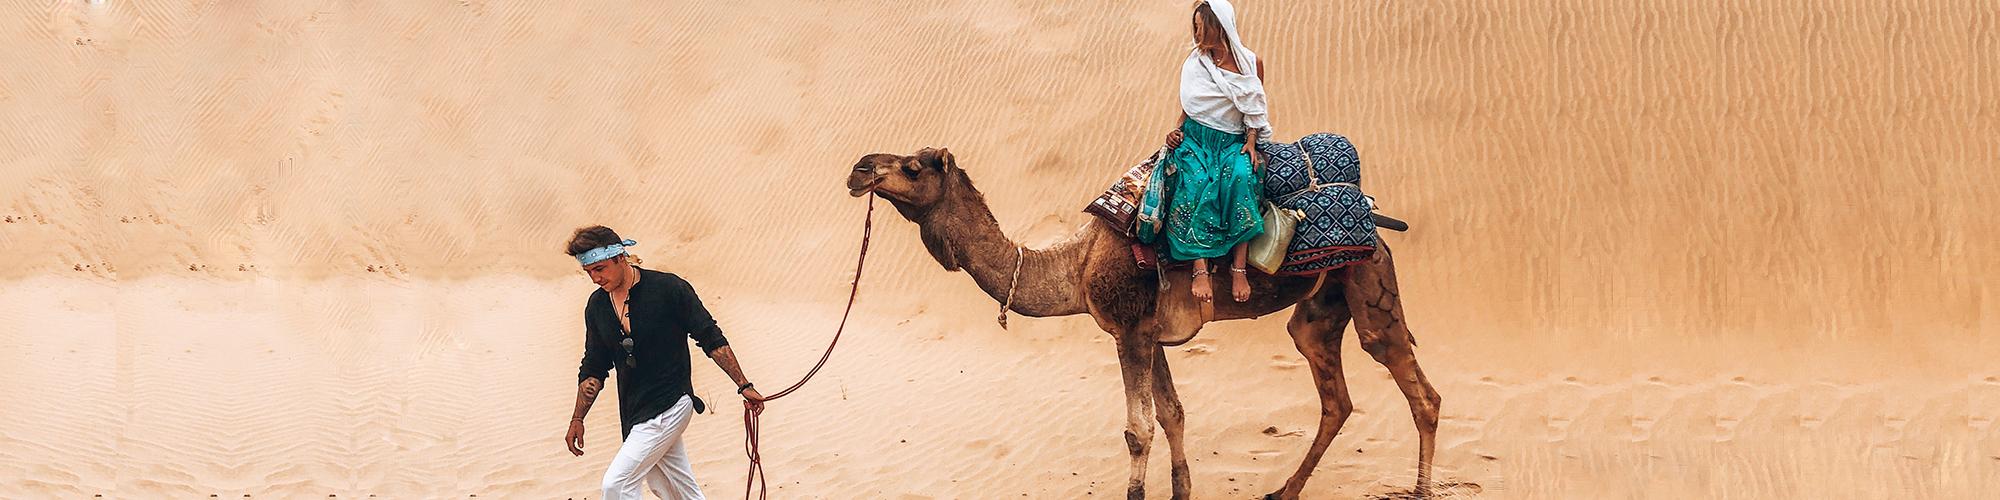 Hurghada Safari Trips - Tours From Hurghada